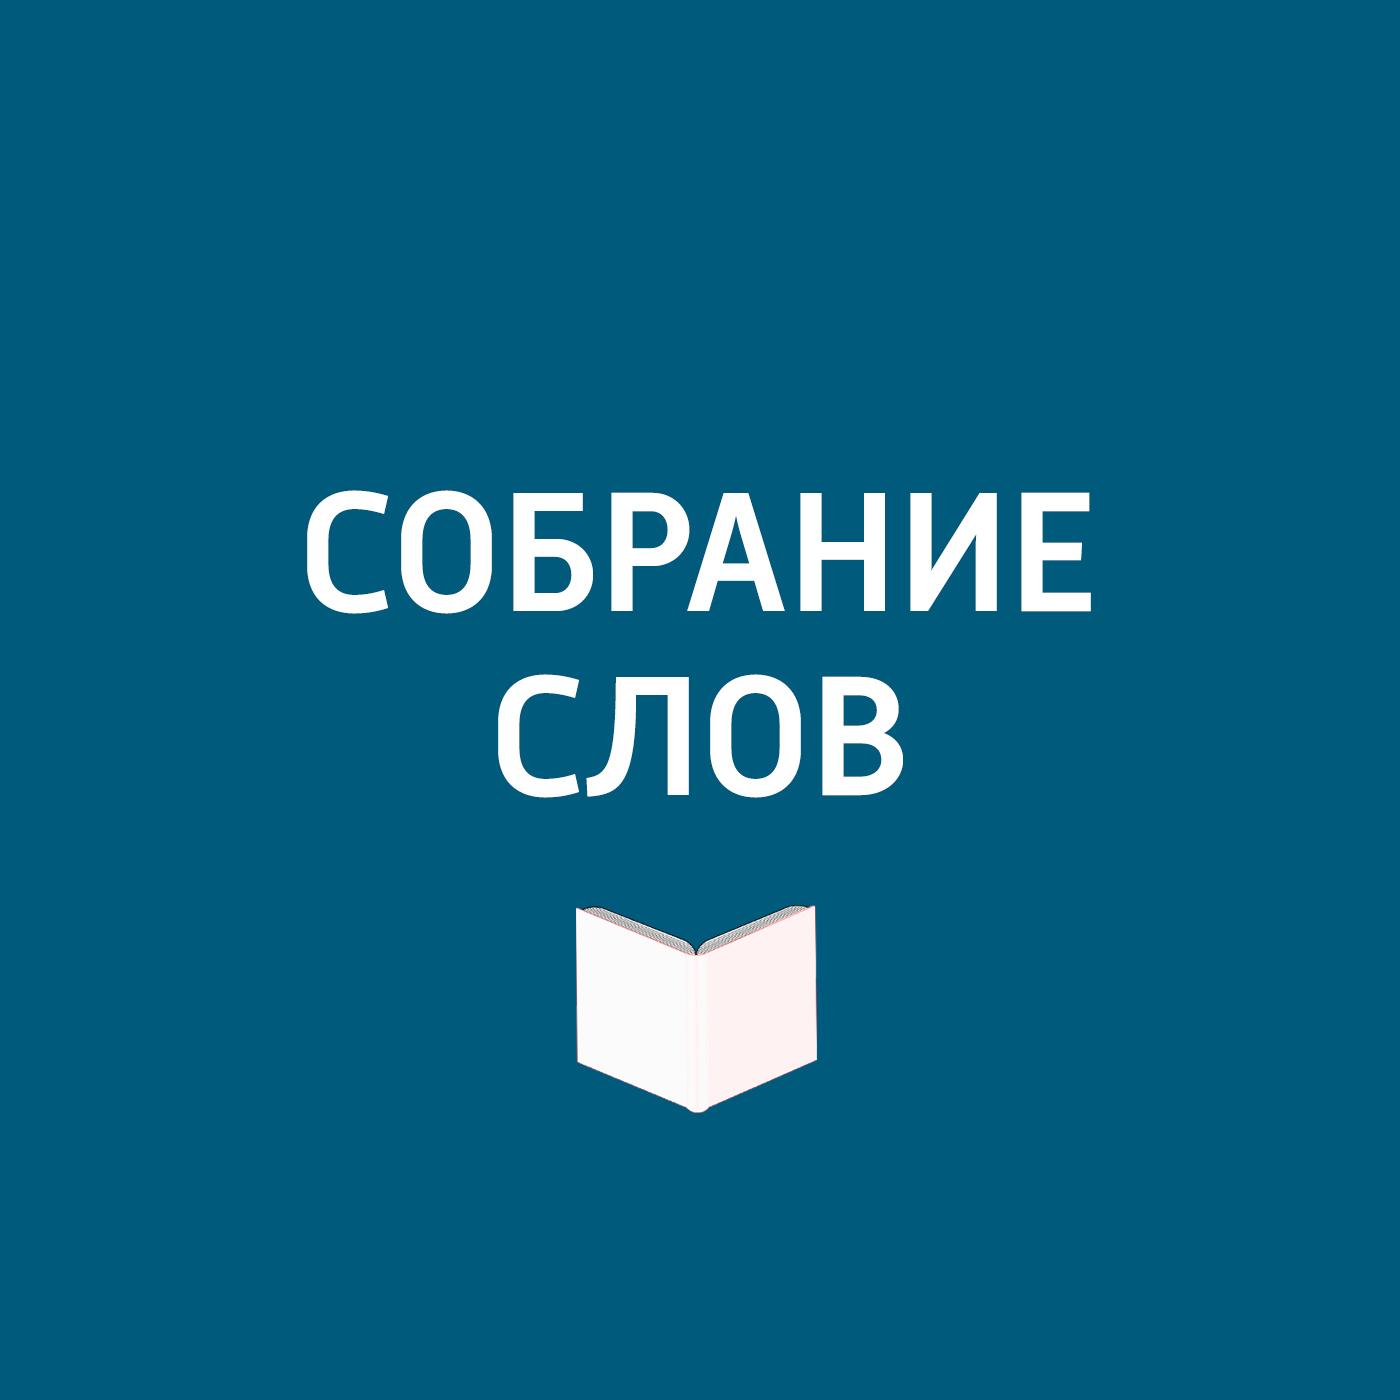 Творческий коллектив программы «Собрание слов» Большое интервью Ники Белоцерковской дэшилл хэммет худой мужчина